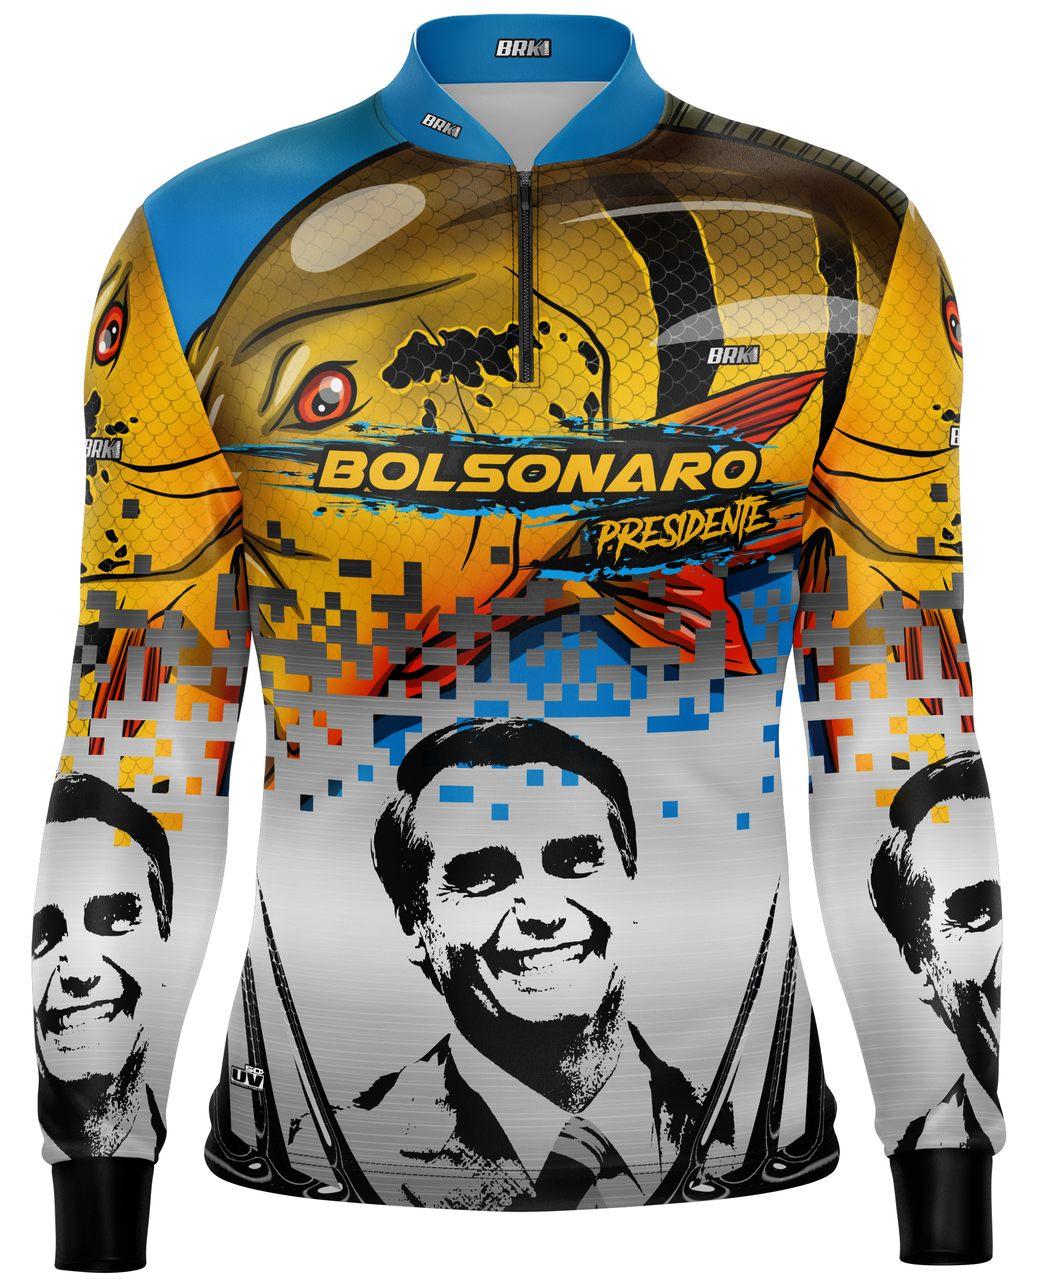 Camisa de Pesca Brk Bolsonaro o Mito Tucunaré Açu com fpu 50+